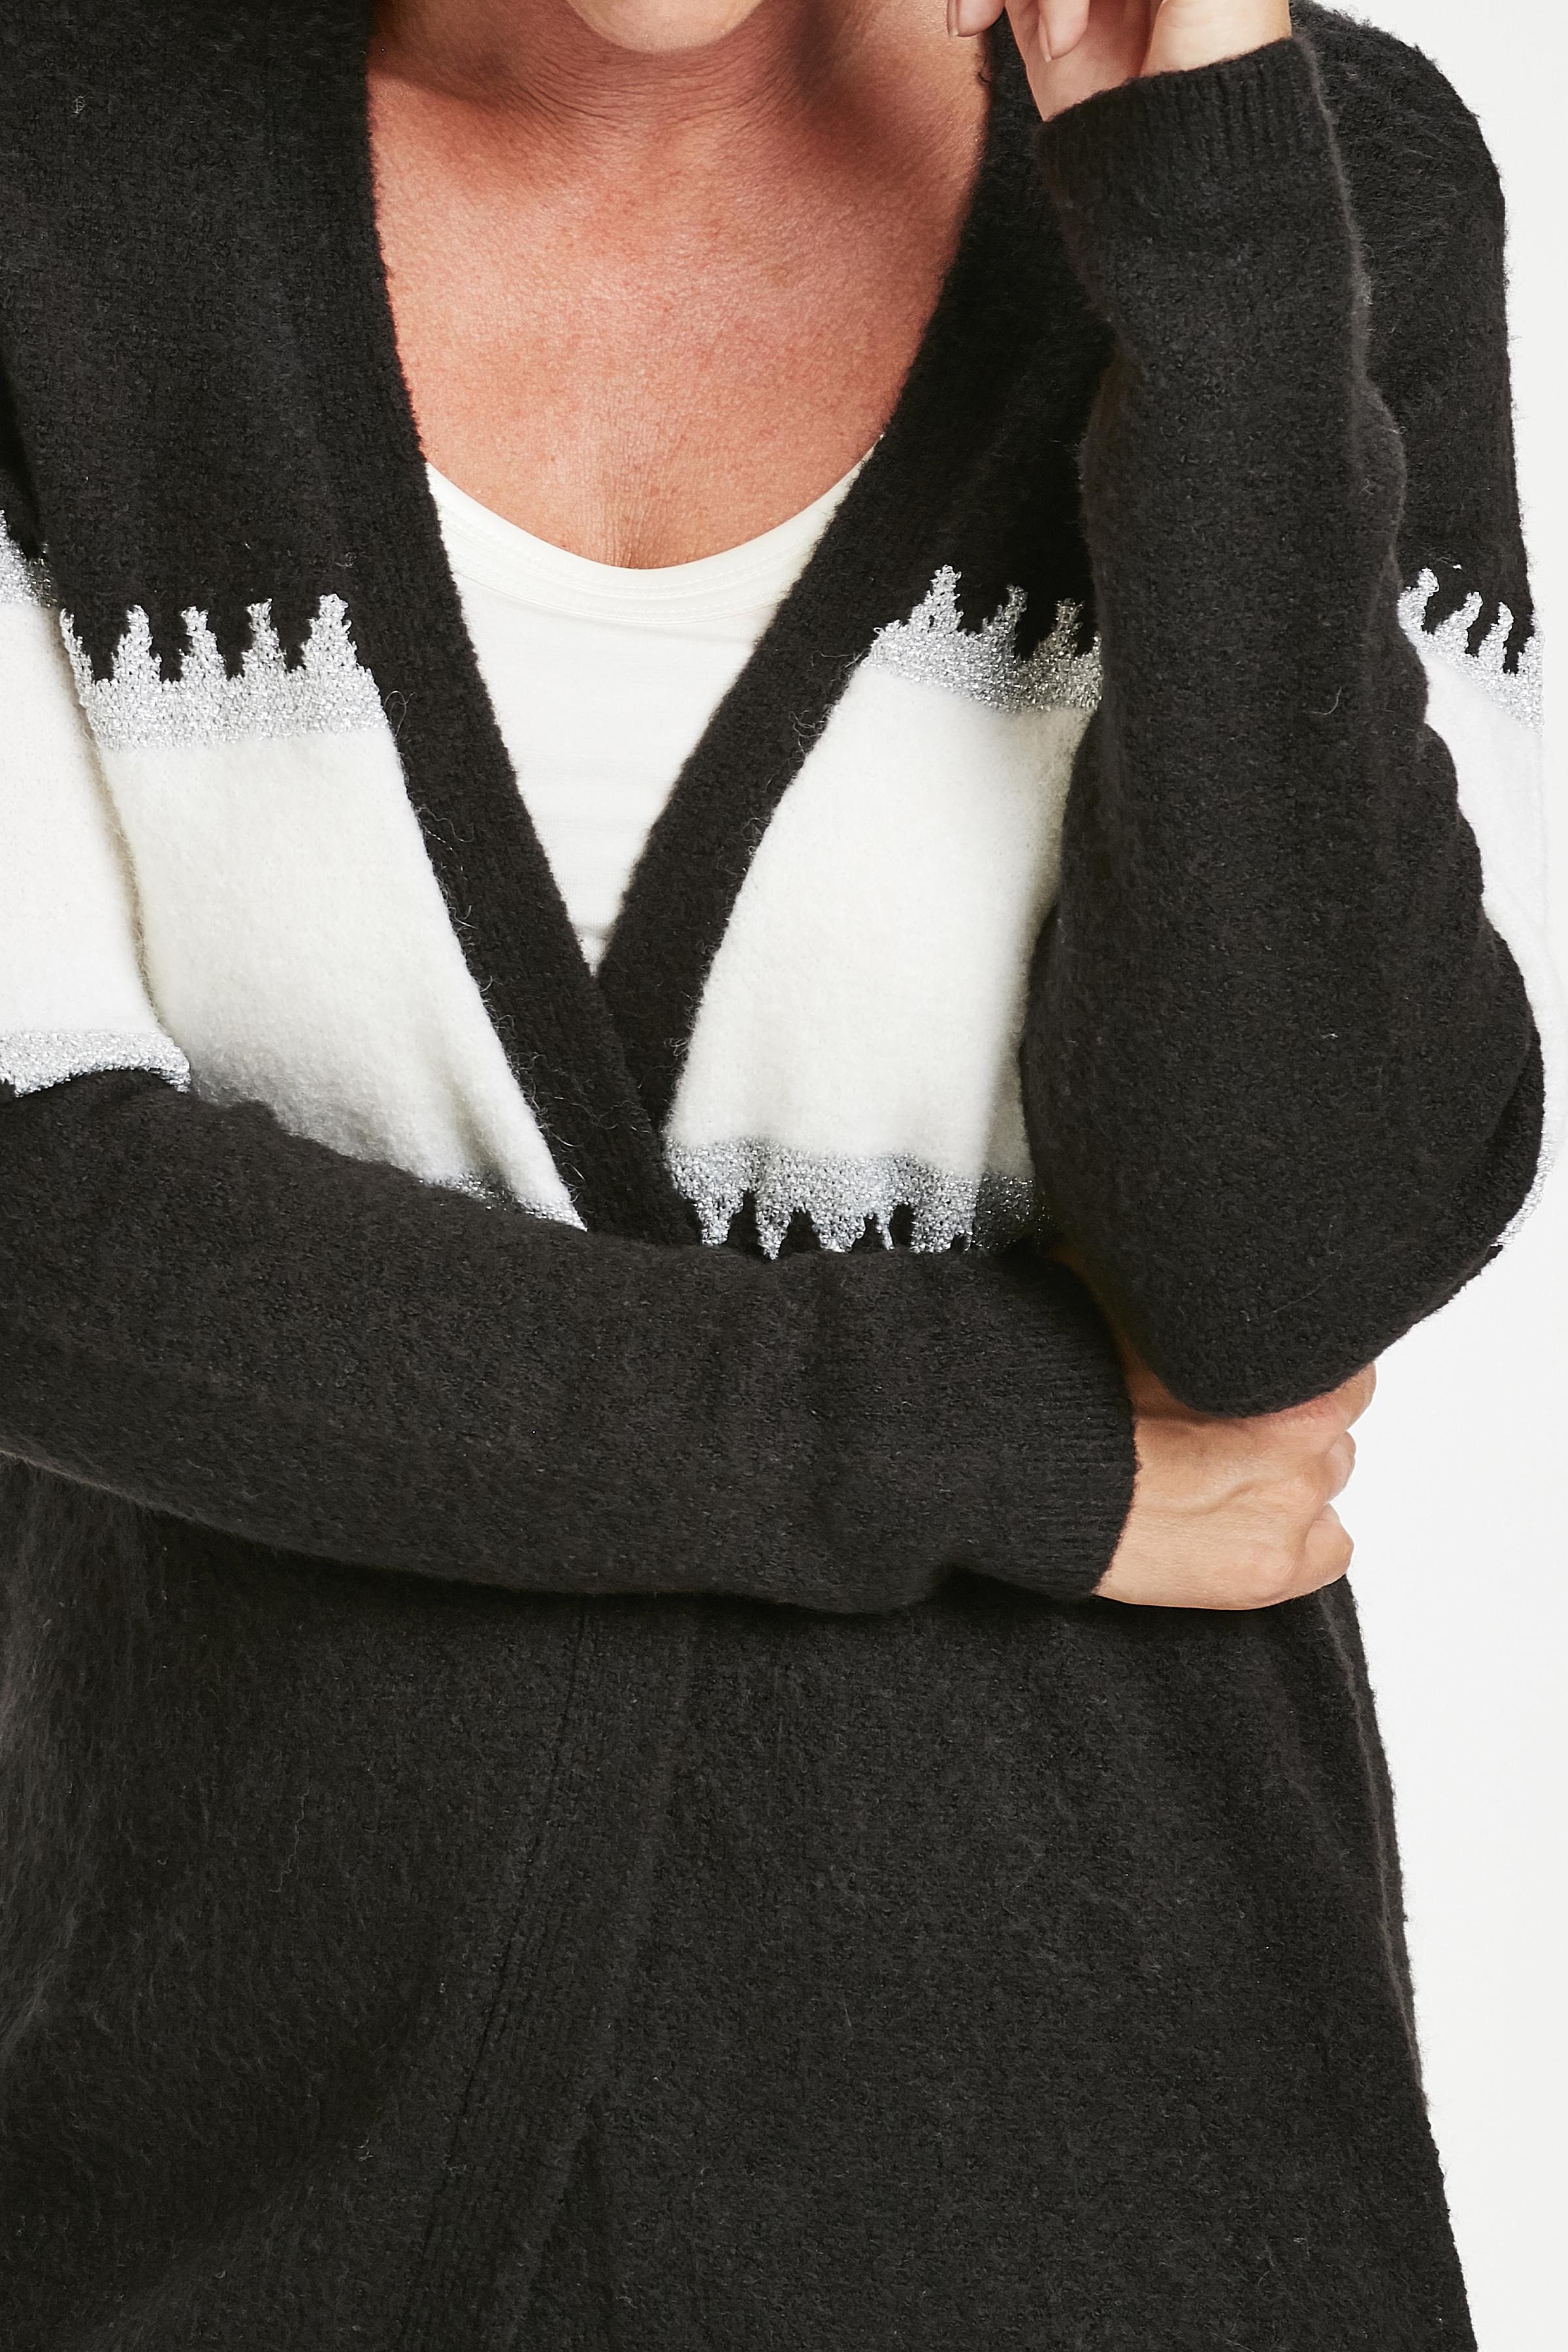 Sort/off-white Cardigan fra Fransa – Køb Sort/off-white Cardigan fra str. XS-XXL her